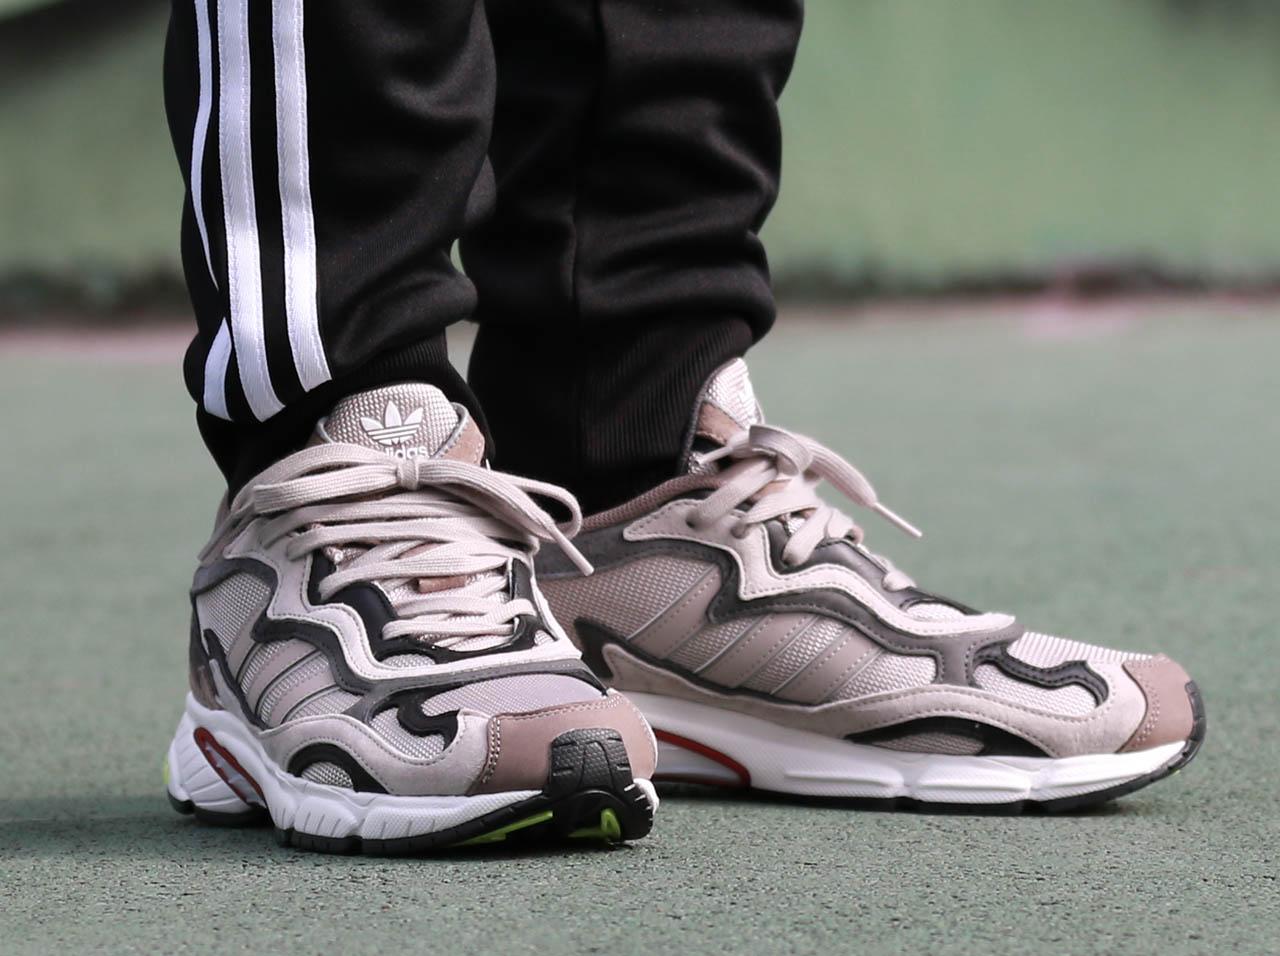 【全品ポイント10倍!期間限定★今すぐエントリー!(4/1~4/30)】【OUTLET特価】adidas TEMPER RUN(G27920)【アディダス テンパ-ラン】【メンズファッション】【シューズ】【スニーカー】【靴】【フットウェア】